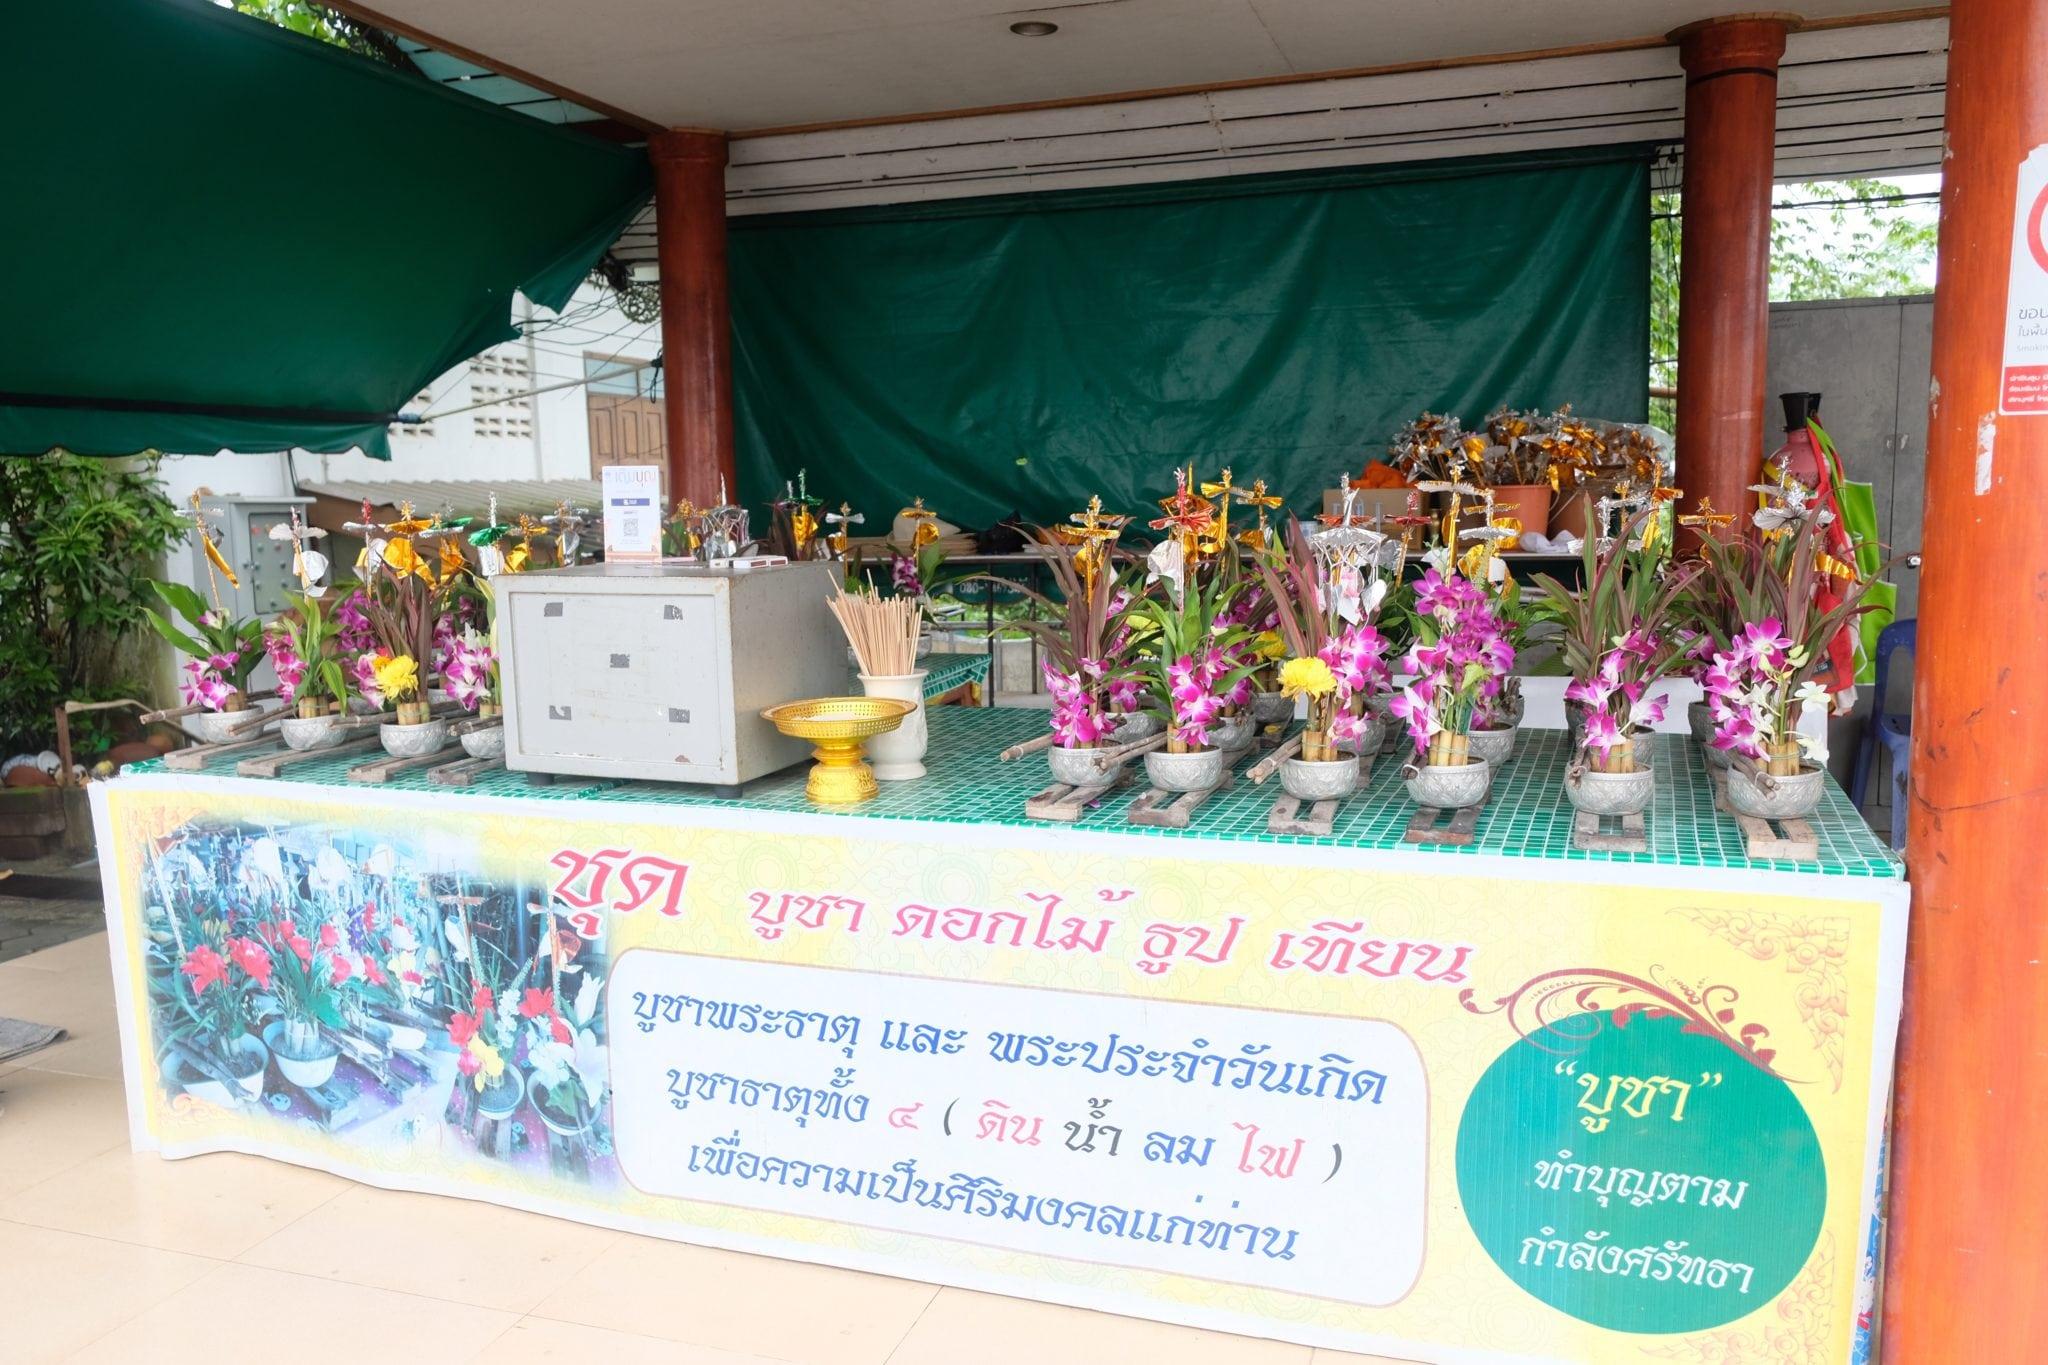 ที่เที่ยวแม่ฮ่องสอน บ้านรักไทย เที่ยวแม่ฮ่องสอน เที่ยวไทย ที่เที่ยวไทย เที่ยวเมืองรอง